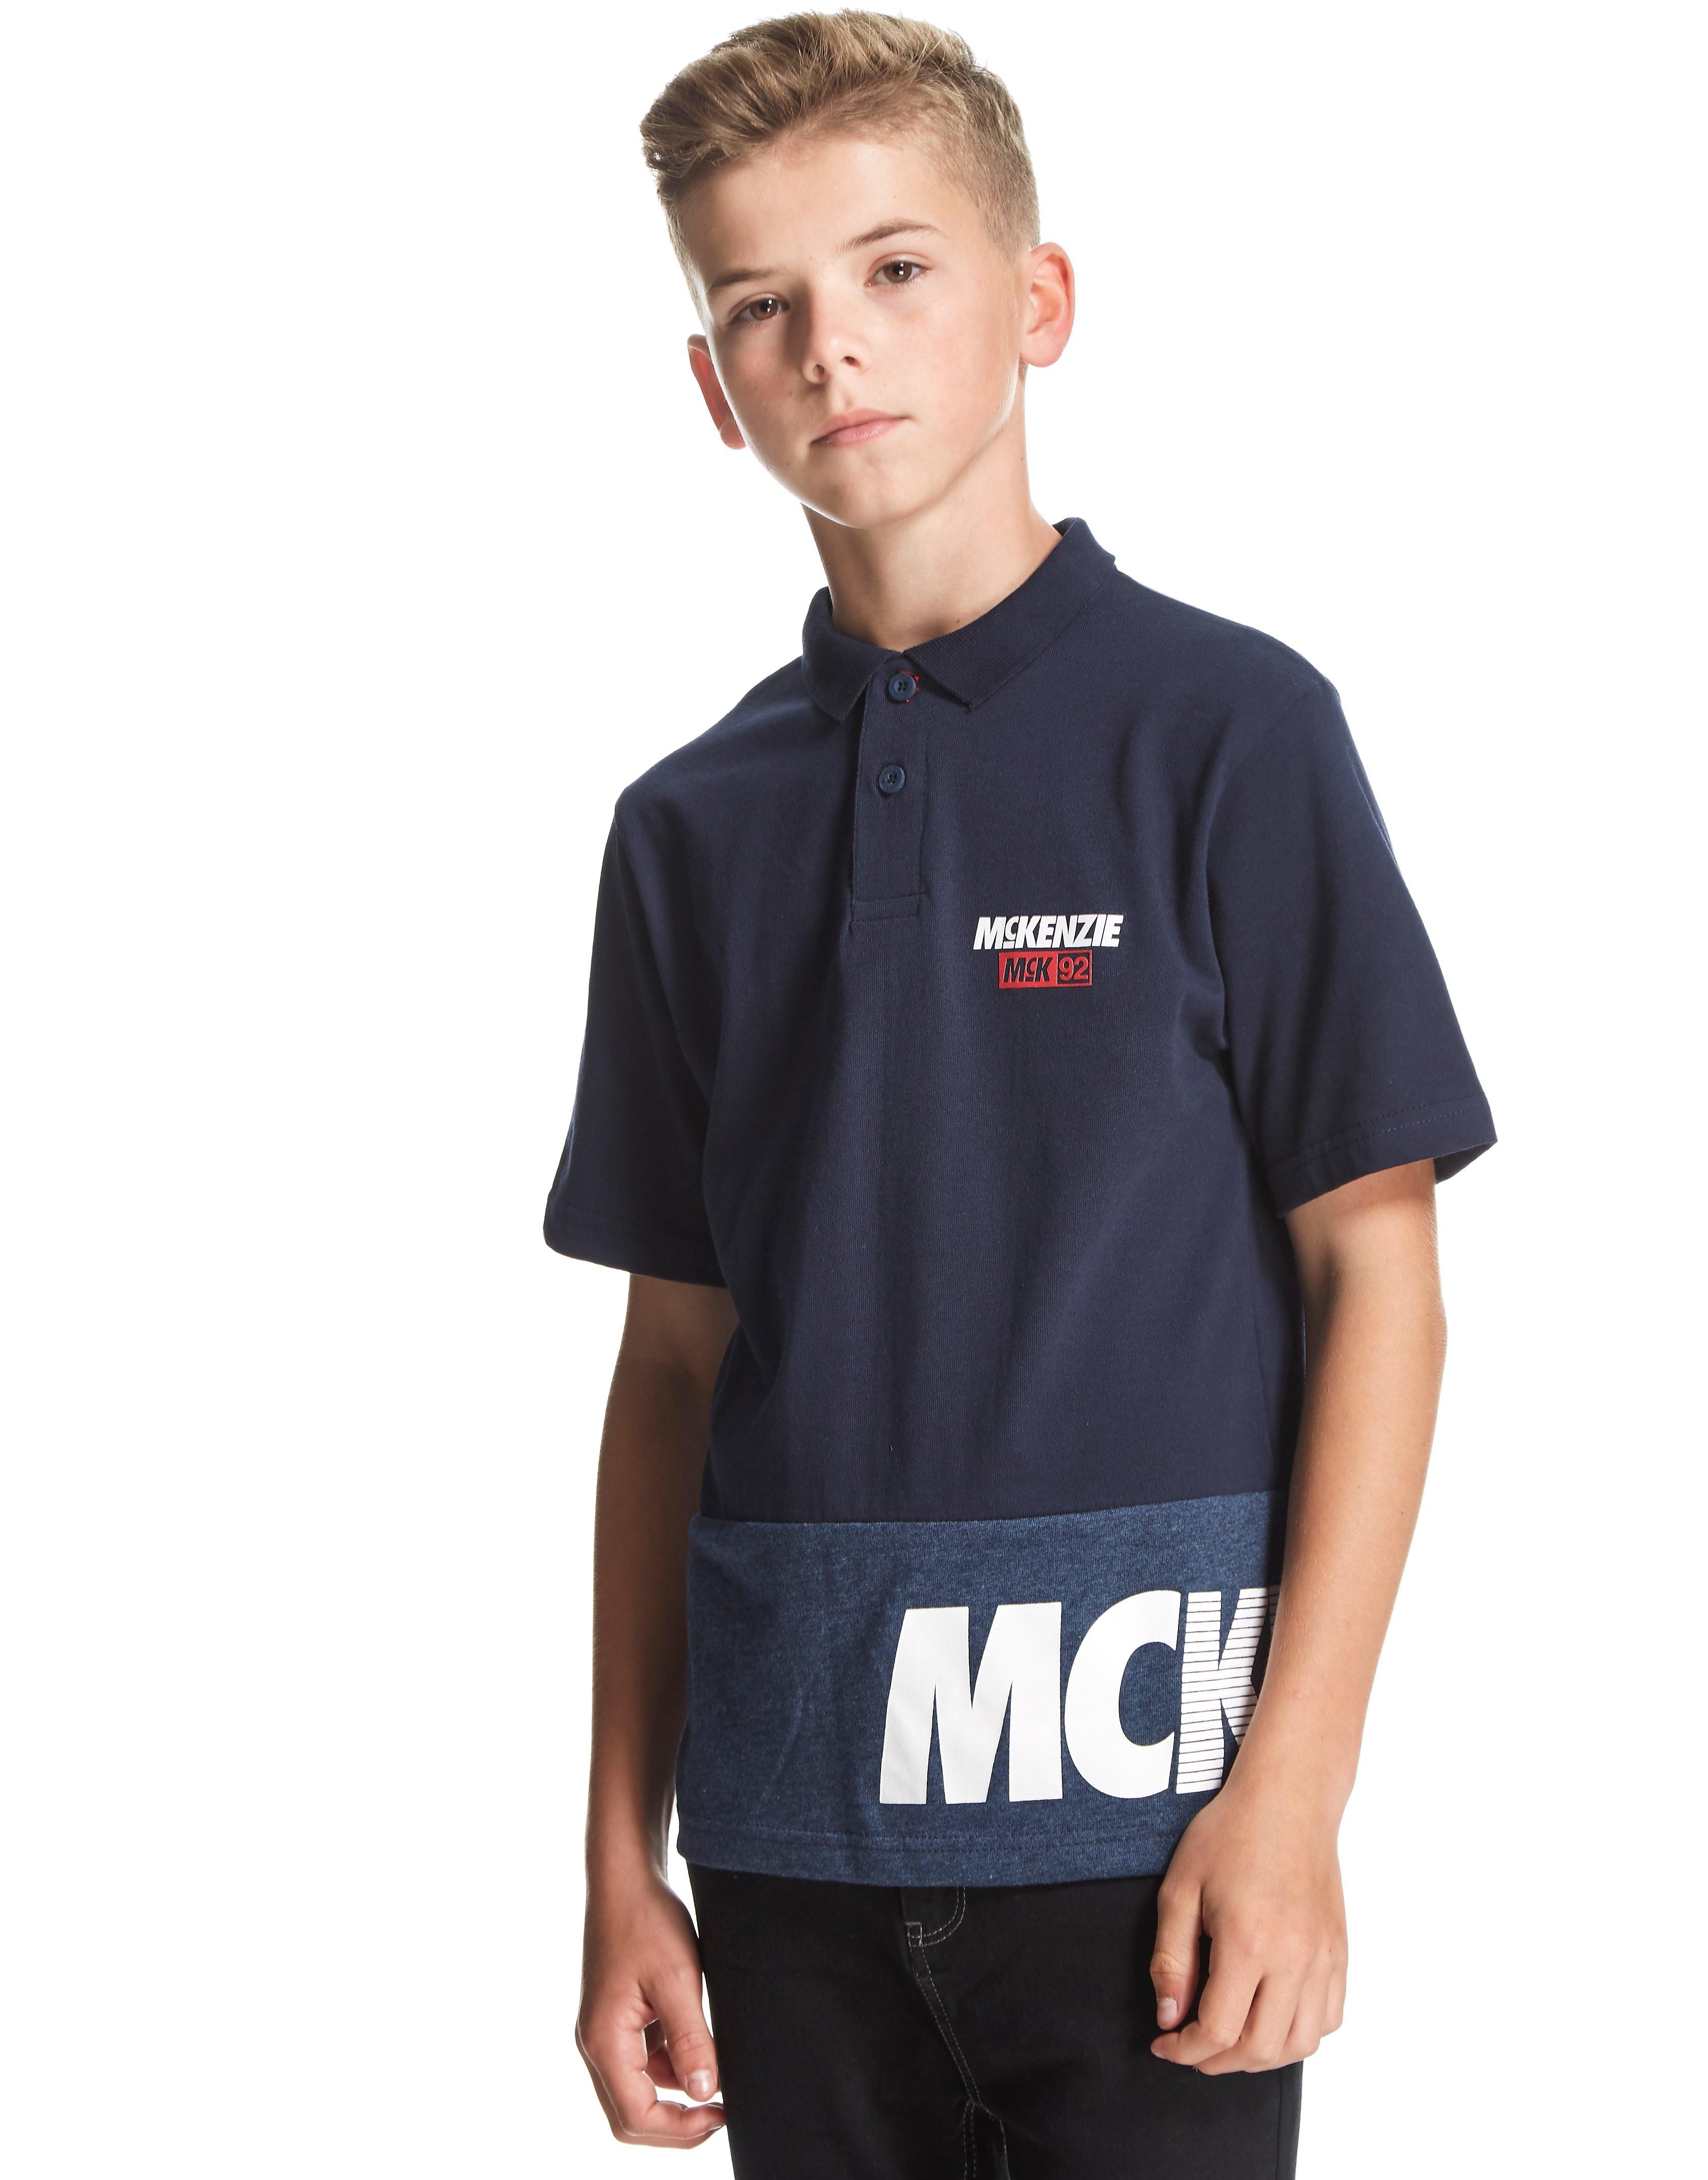 McKenzie Allgood Polo Shirt Junior